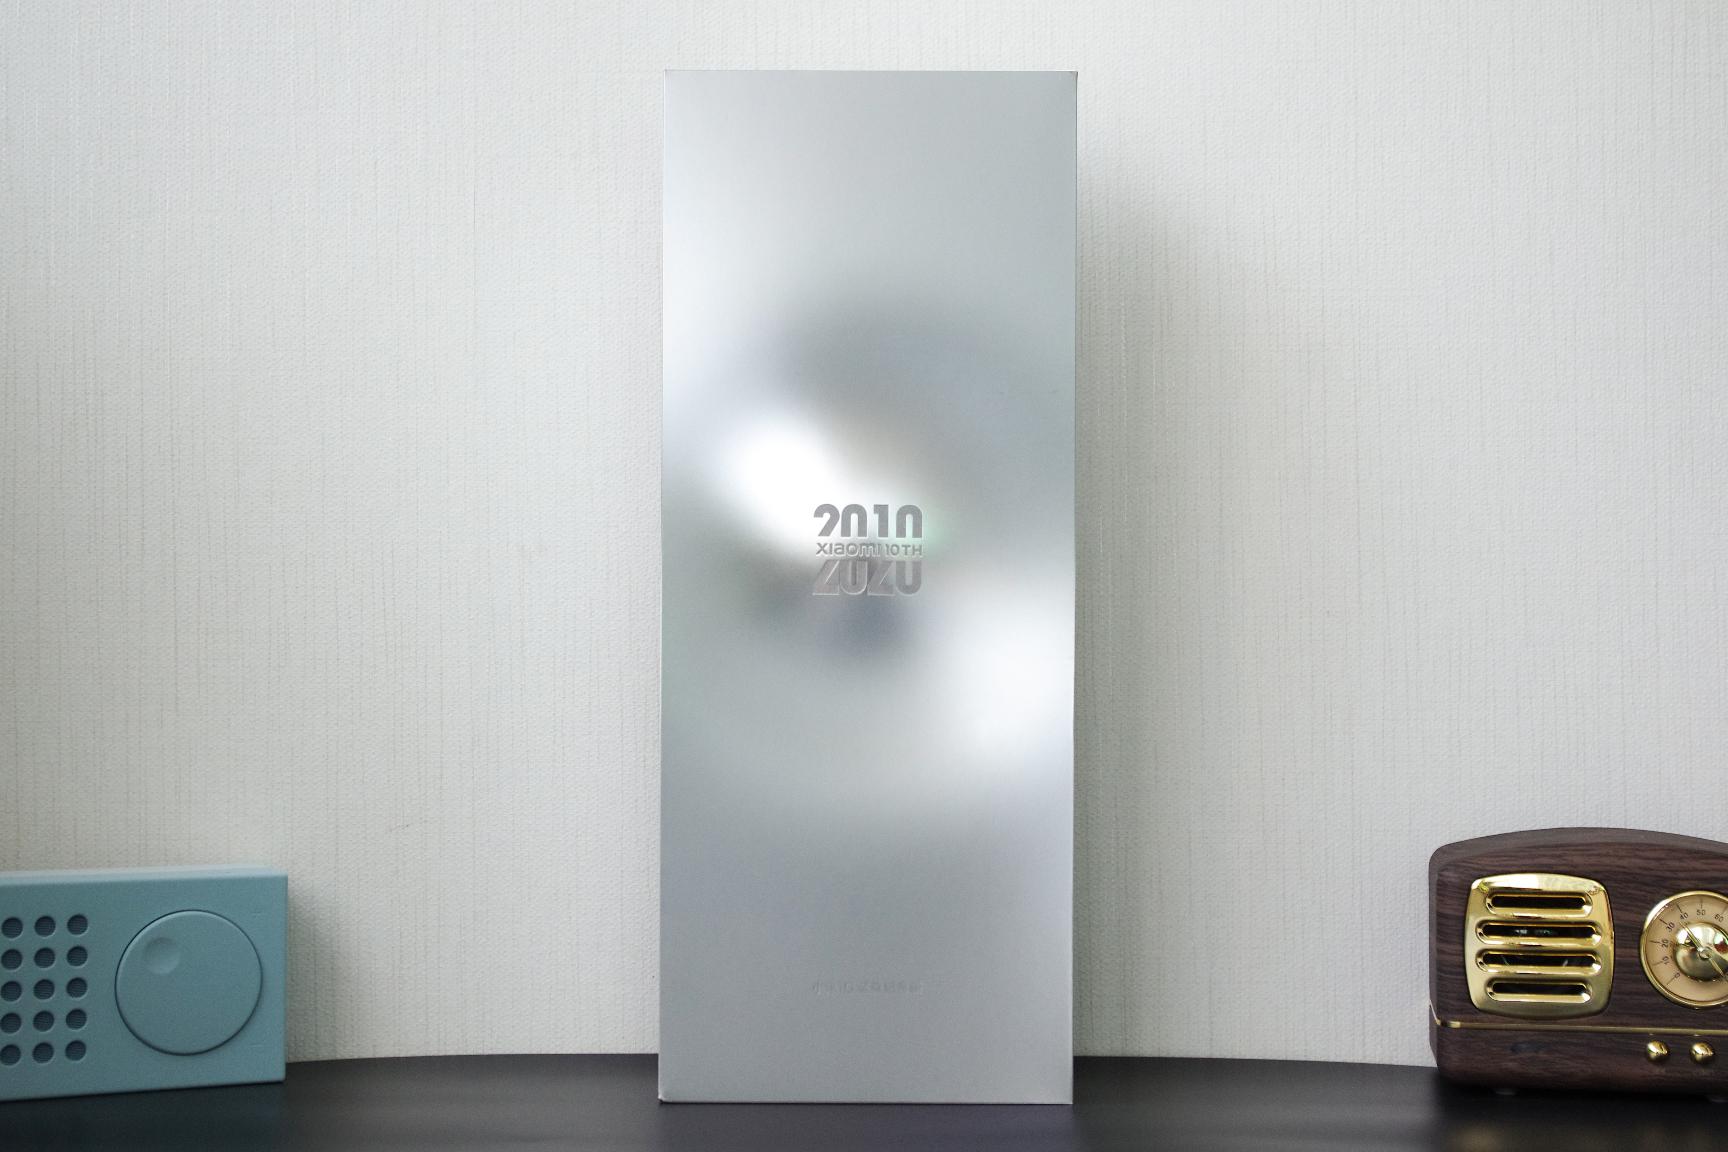 小米10至尊纪念版首发评测:十年才华集一身、米粉梦想机